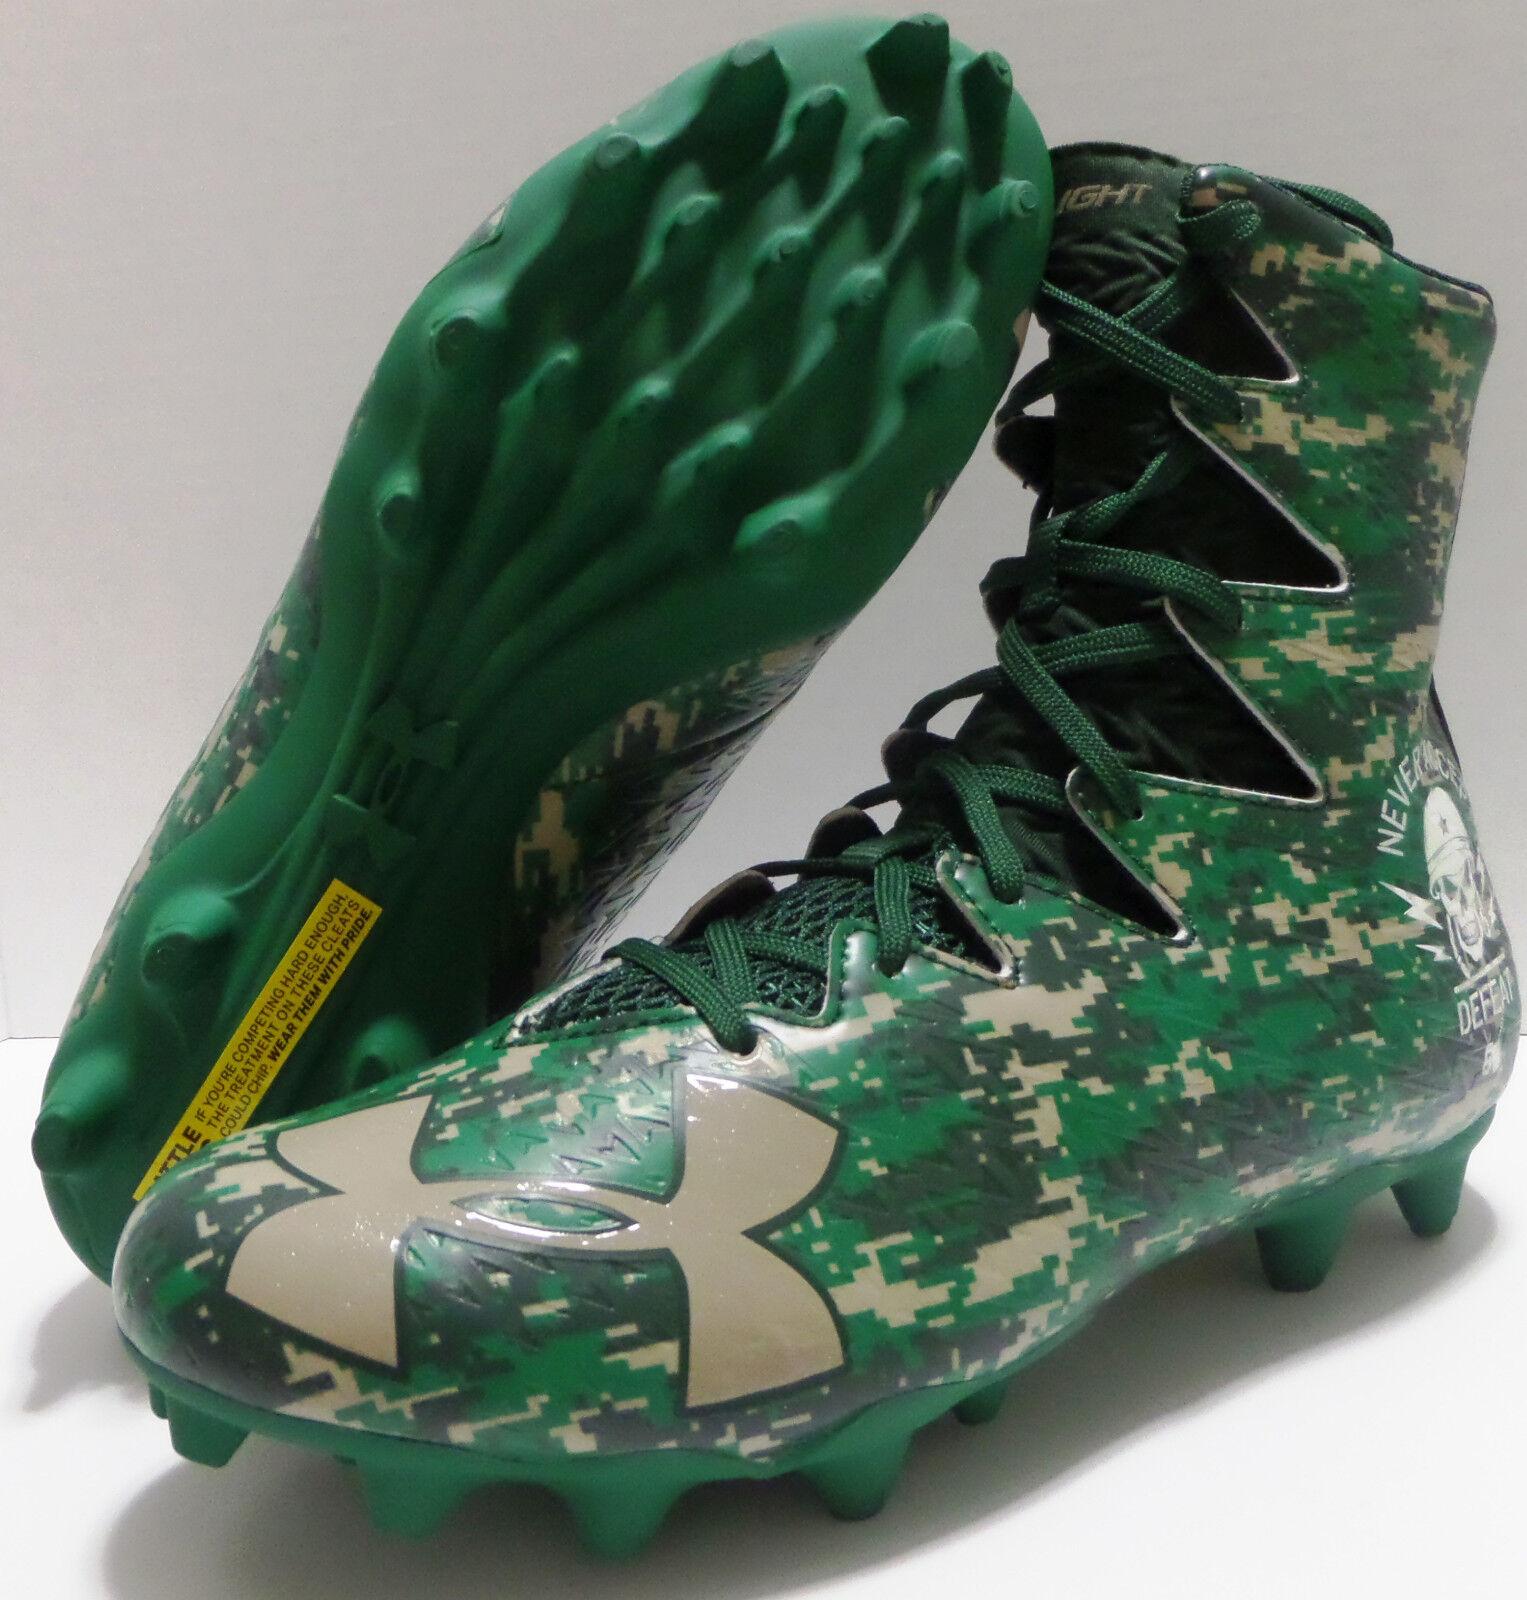 Under Armour Highlight MC LE Football Cleats 1289771-312 Camo verde 9.5 10.5 11